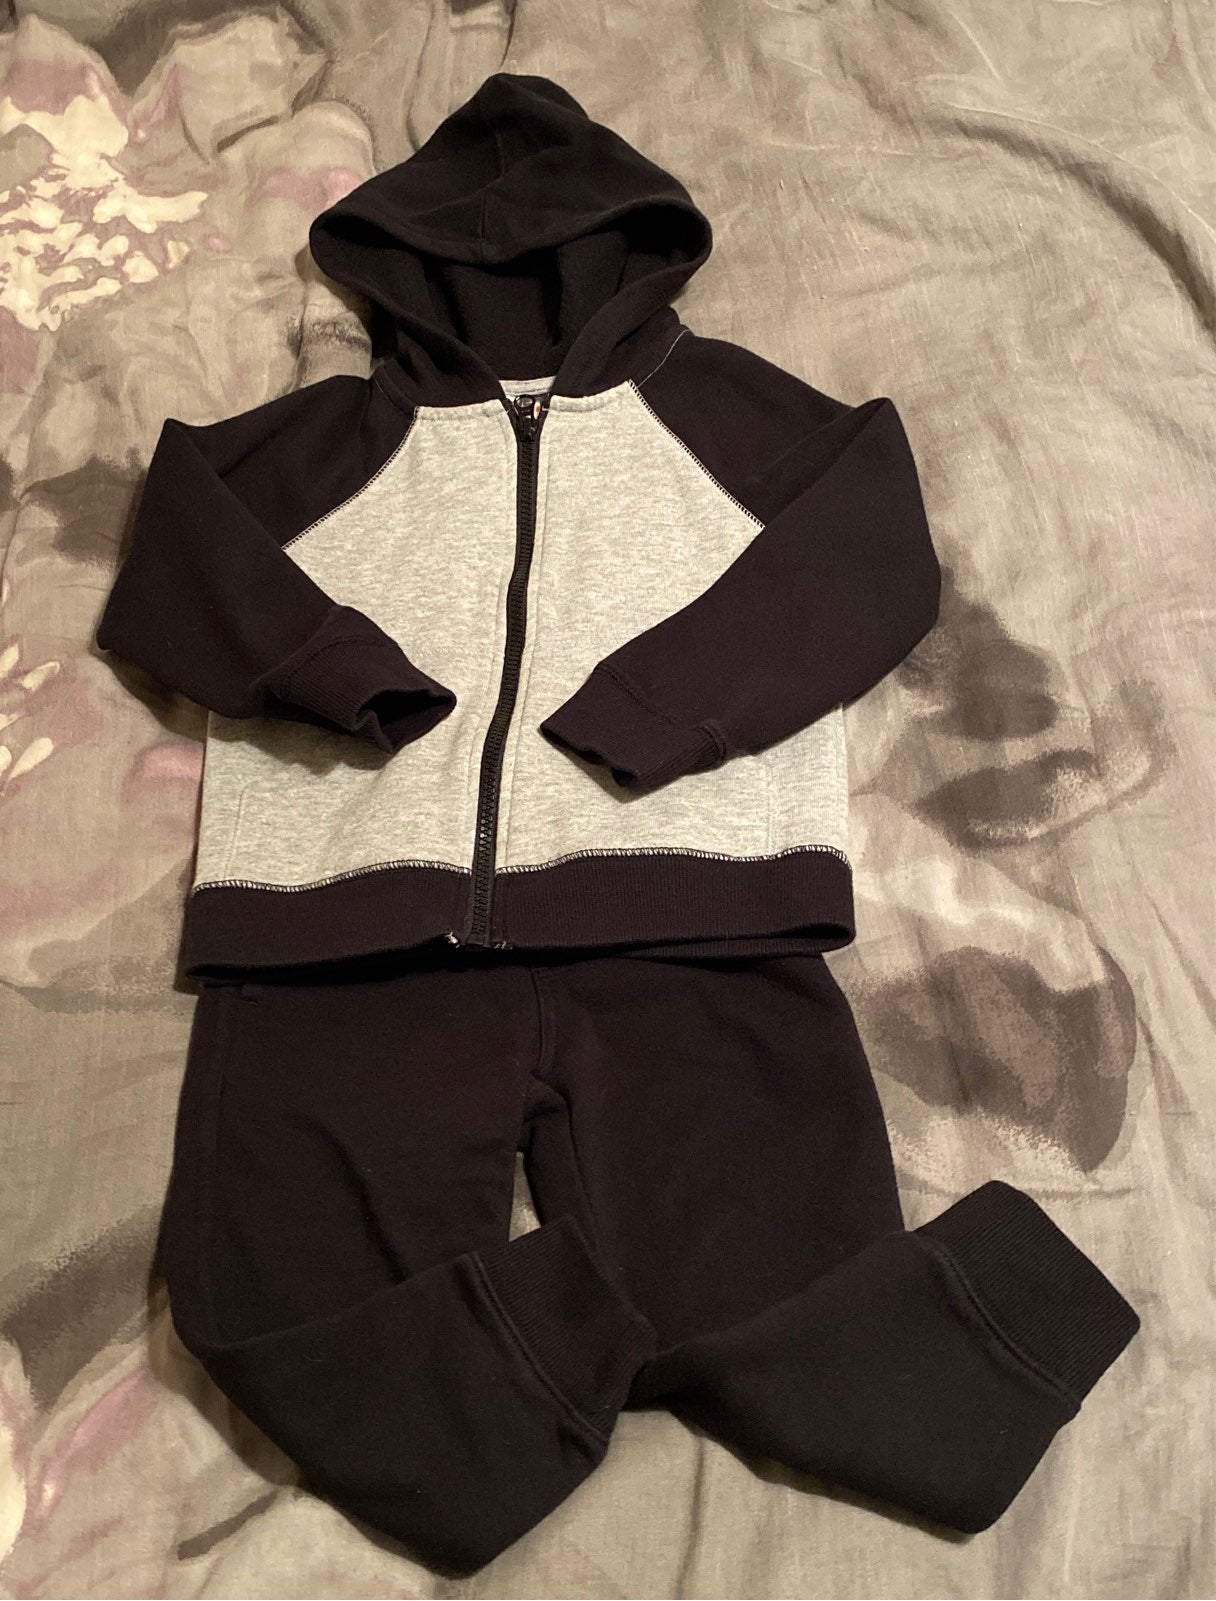 Boys 3T Gymboree sweatsuit